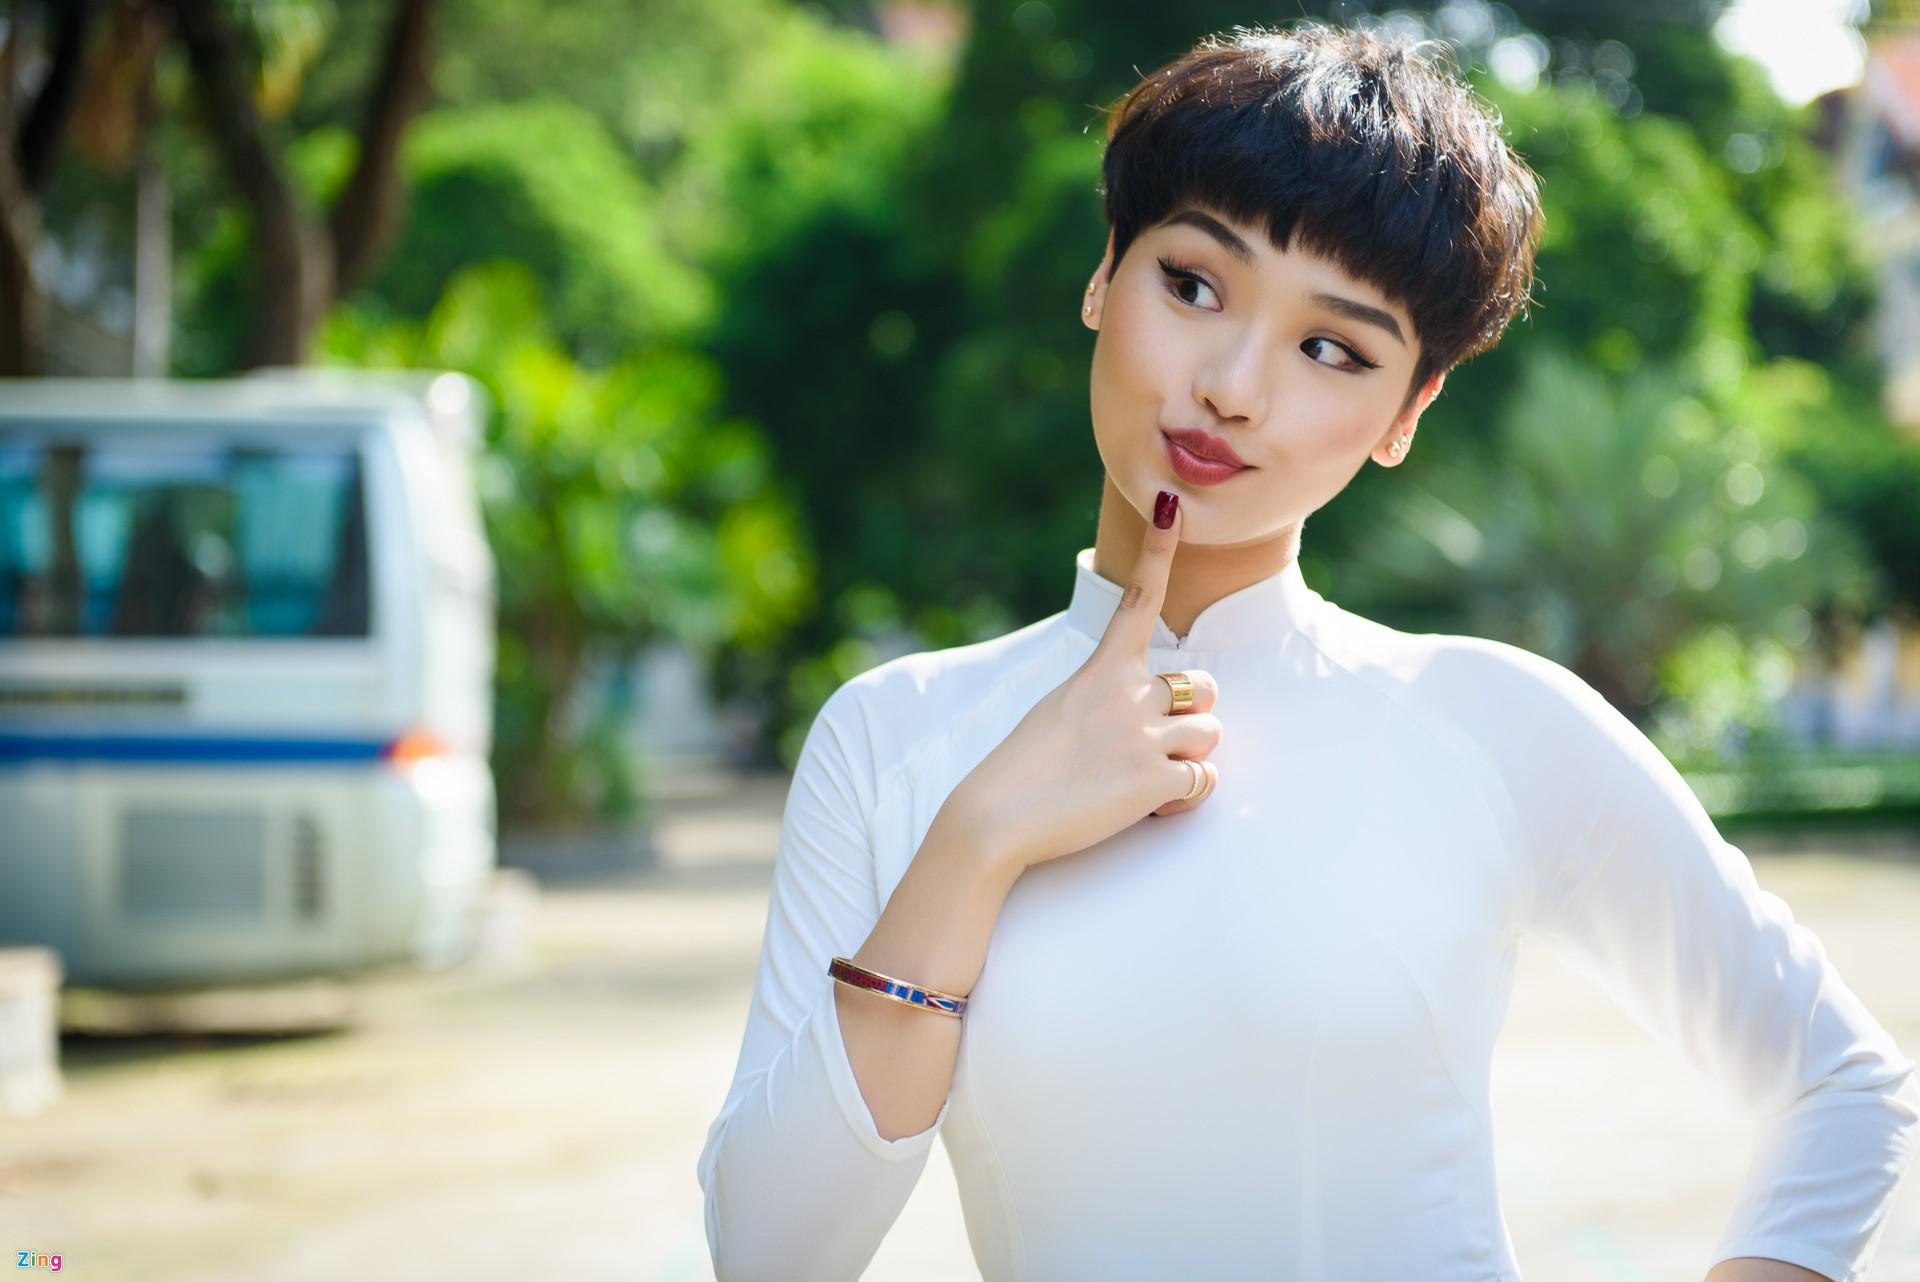 Angela Phương Trinh, Chi Pu, Khả Ngân và hành trình từ những cô tay mơ đến danh hiệu diễn viên điện ảnh - Ảnh 6.